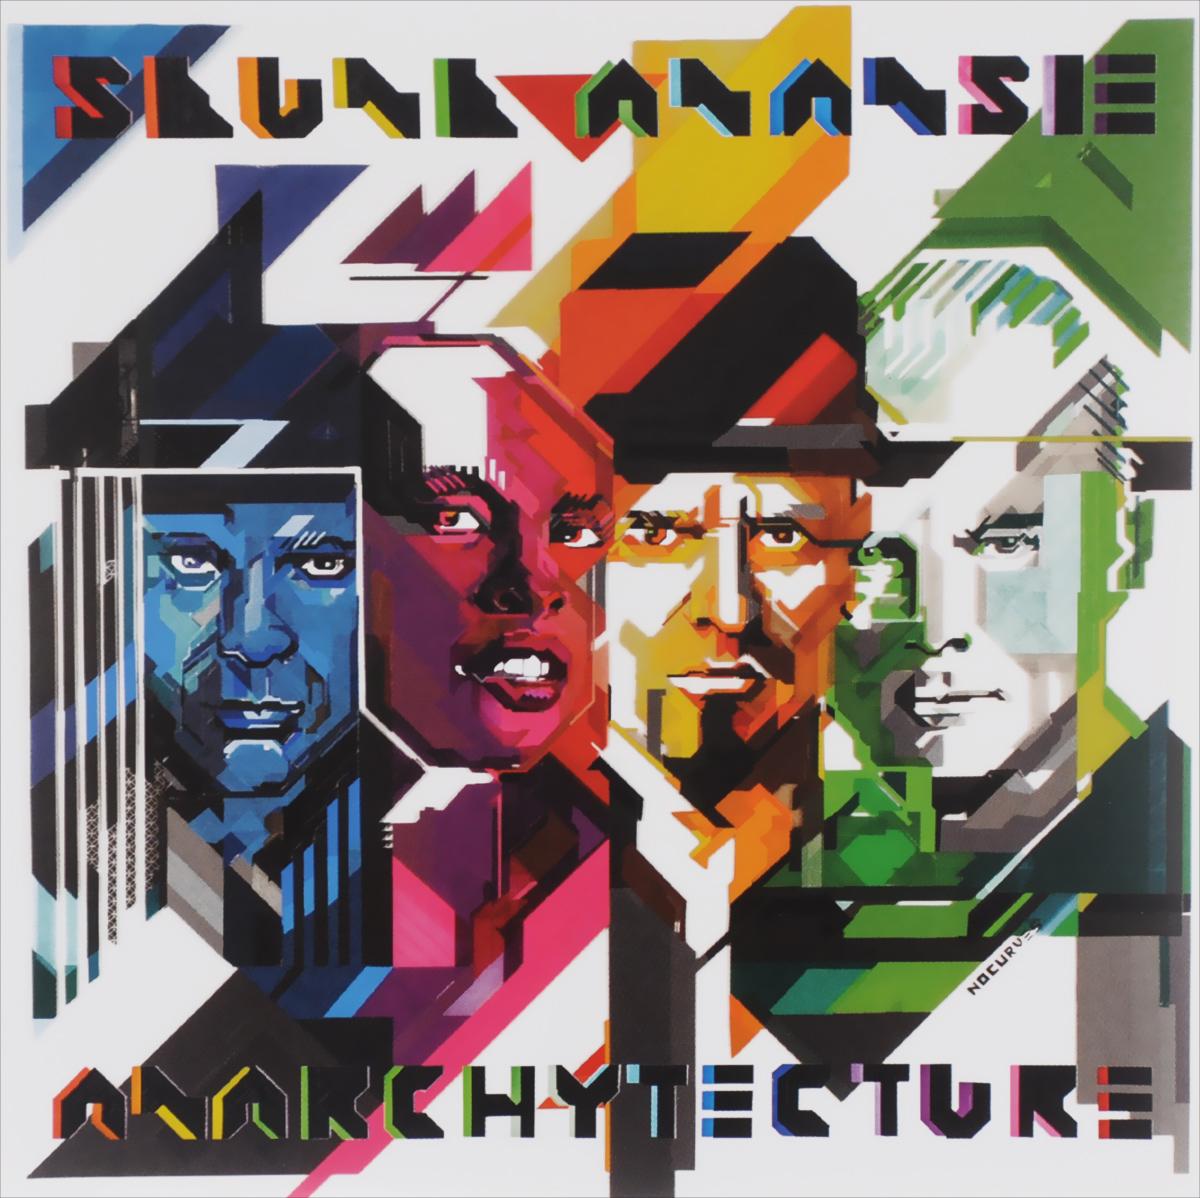 Skunk Anansie Skunk Anansie. Anarchytecture